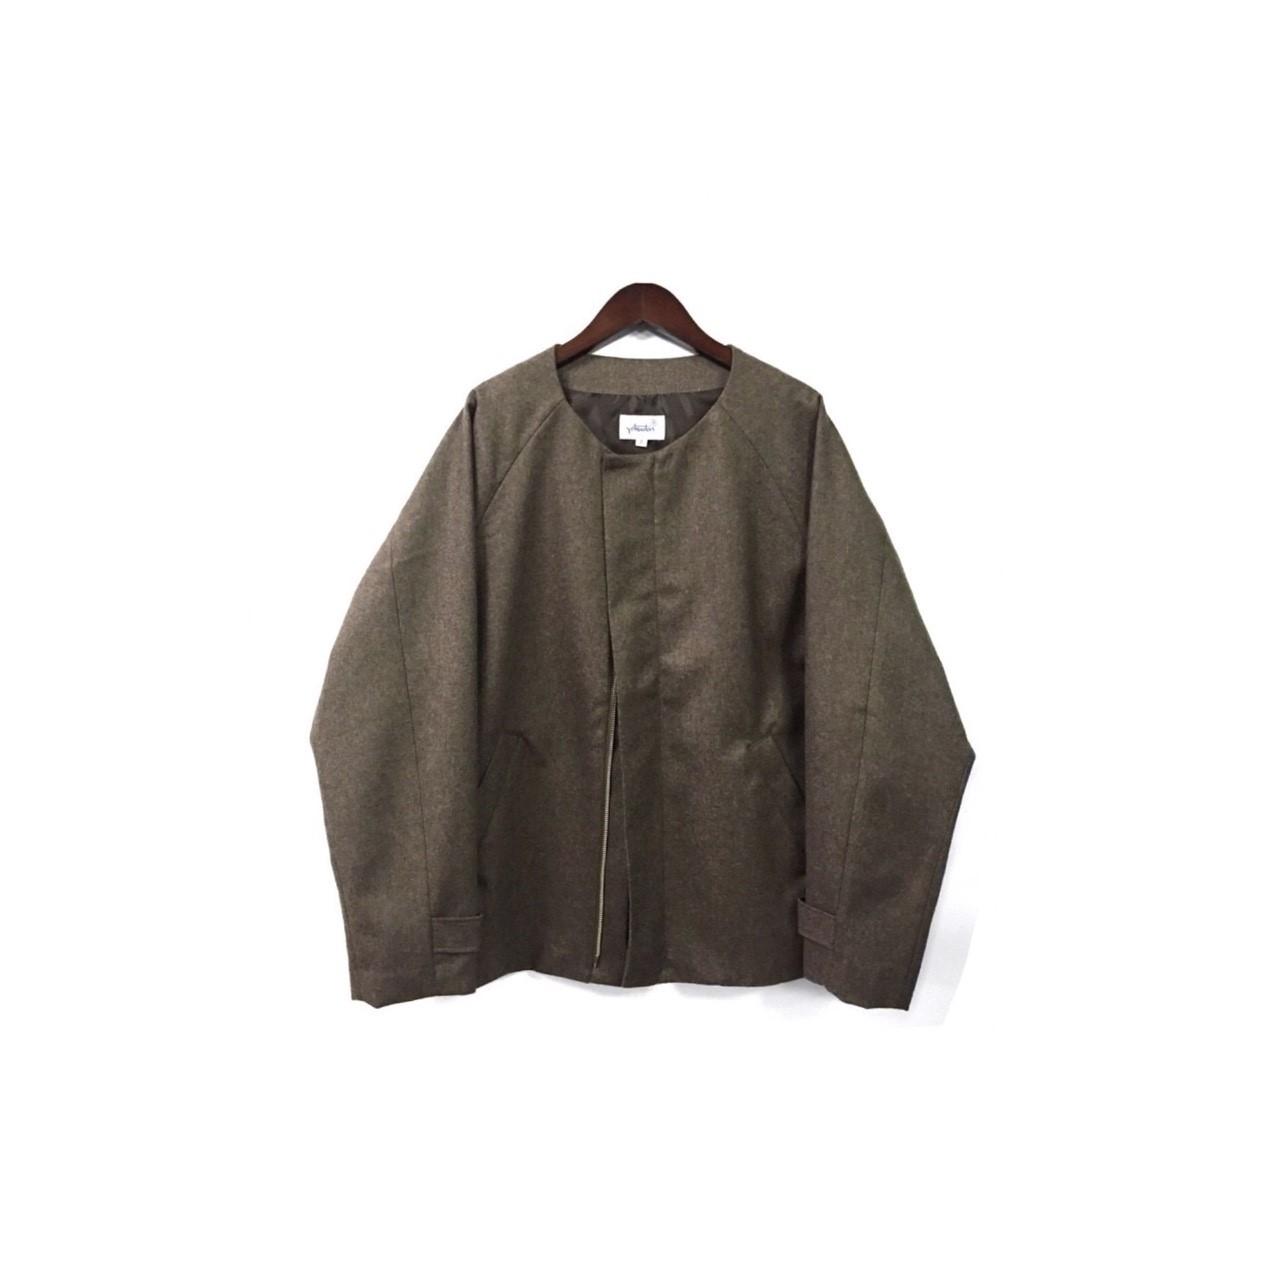 yotsuba - Nocollar Jacket / Brown ¥35000+tax